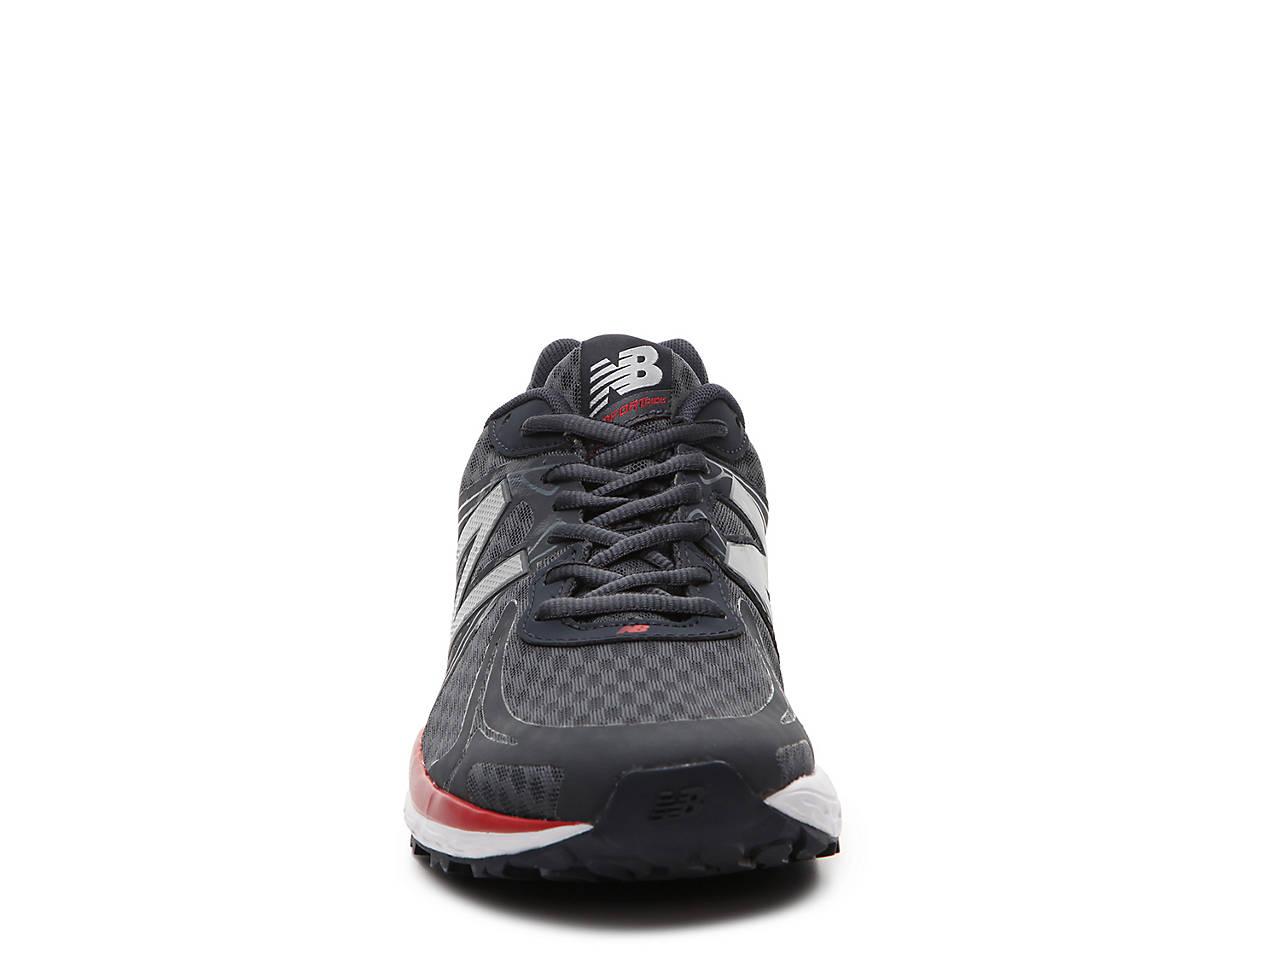 New Balance 720 v3 Lightweight Running Shoe - Men s Men s Shoes  a440645d8538